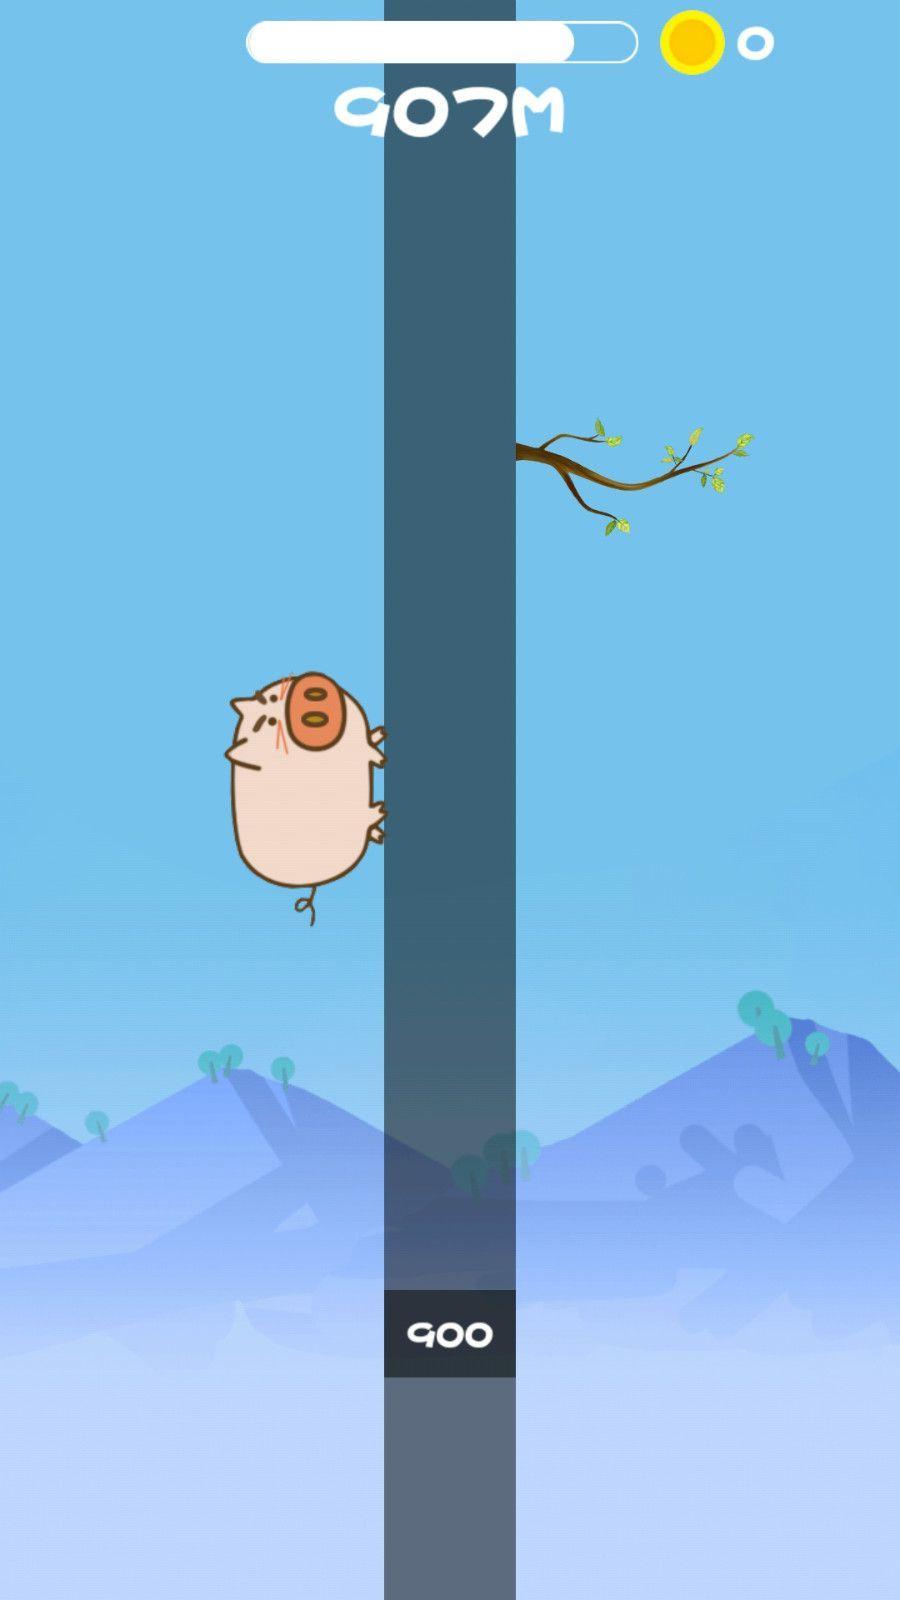 公猪上树之为了爱情游戏安卓版下载最新地址图片2